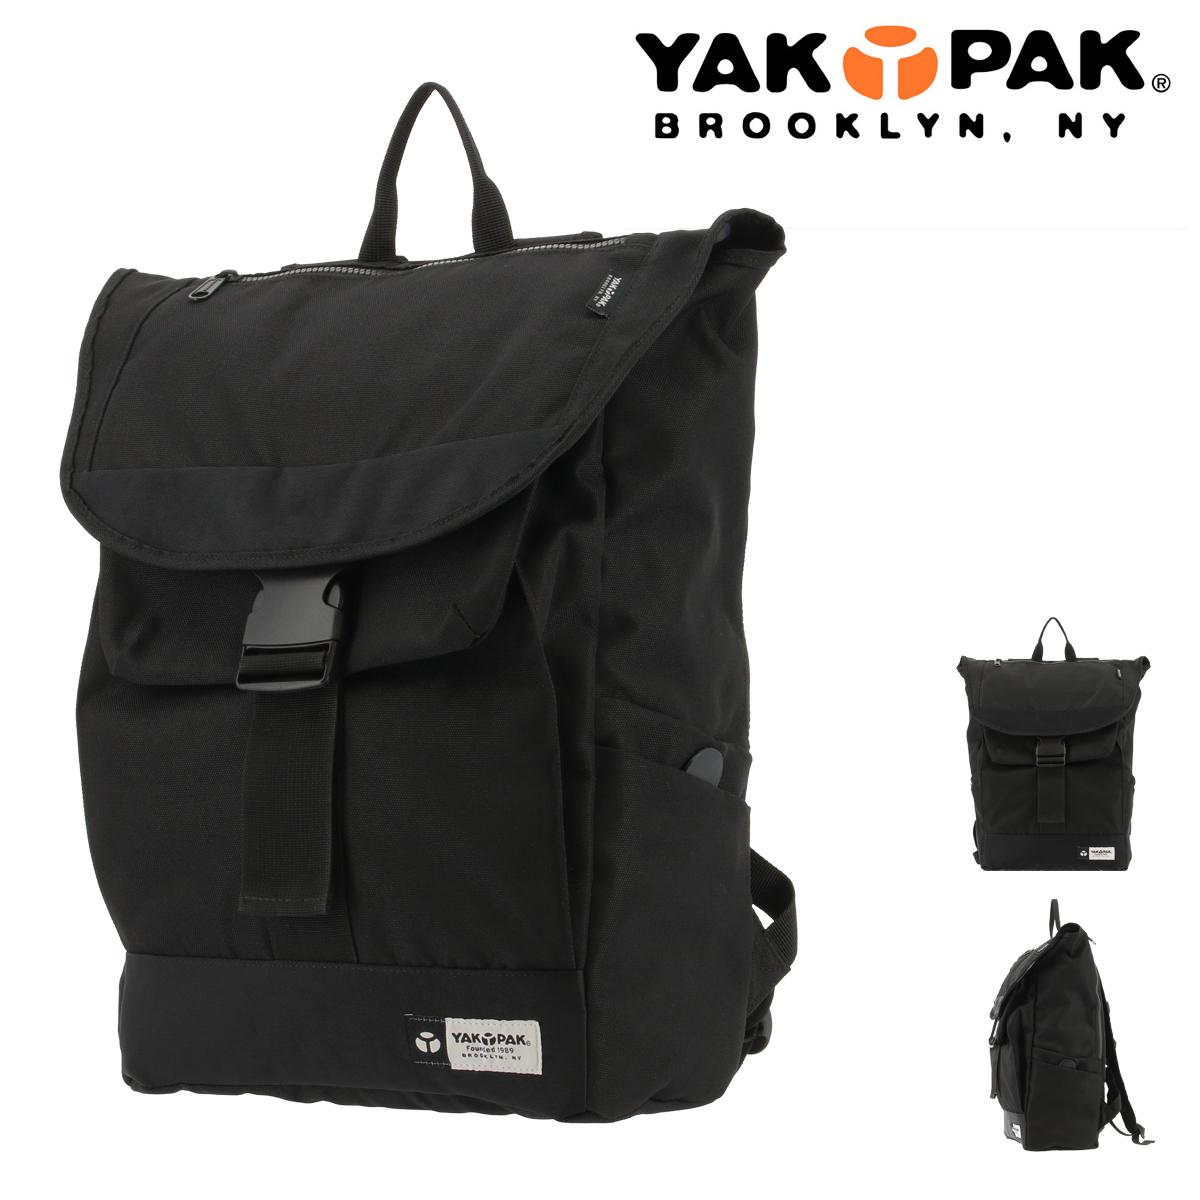 ヤックパック リュック メンズ レディース 9125354-T YAKPAK | リュックサック デイパック 撥水[母の日]